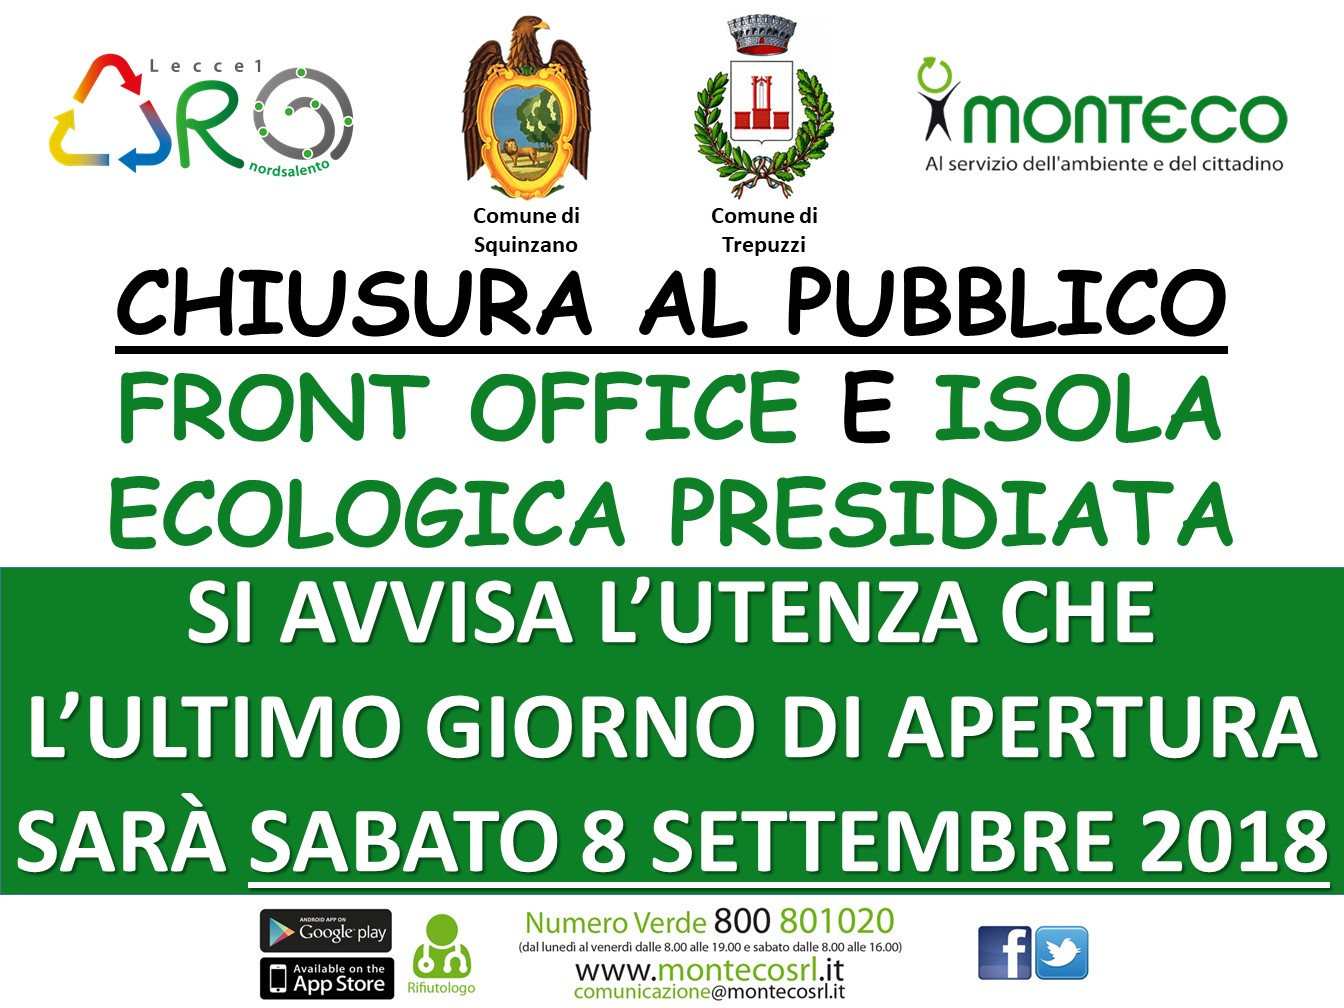 Casalabate - Chiusura Front Office e Isola Ecologica Presidiata